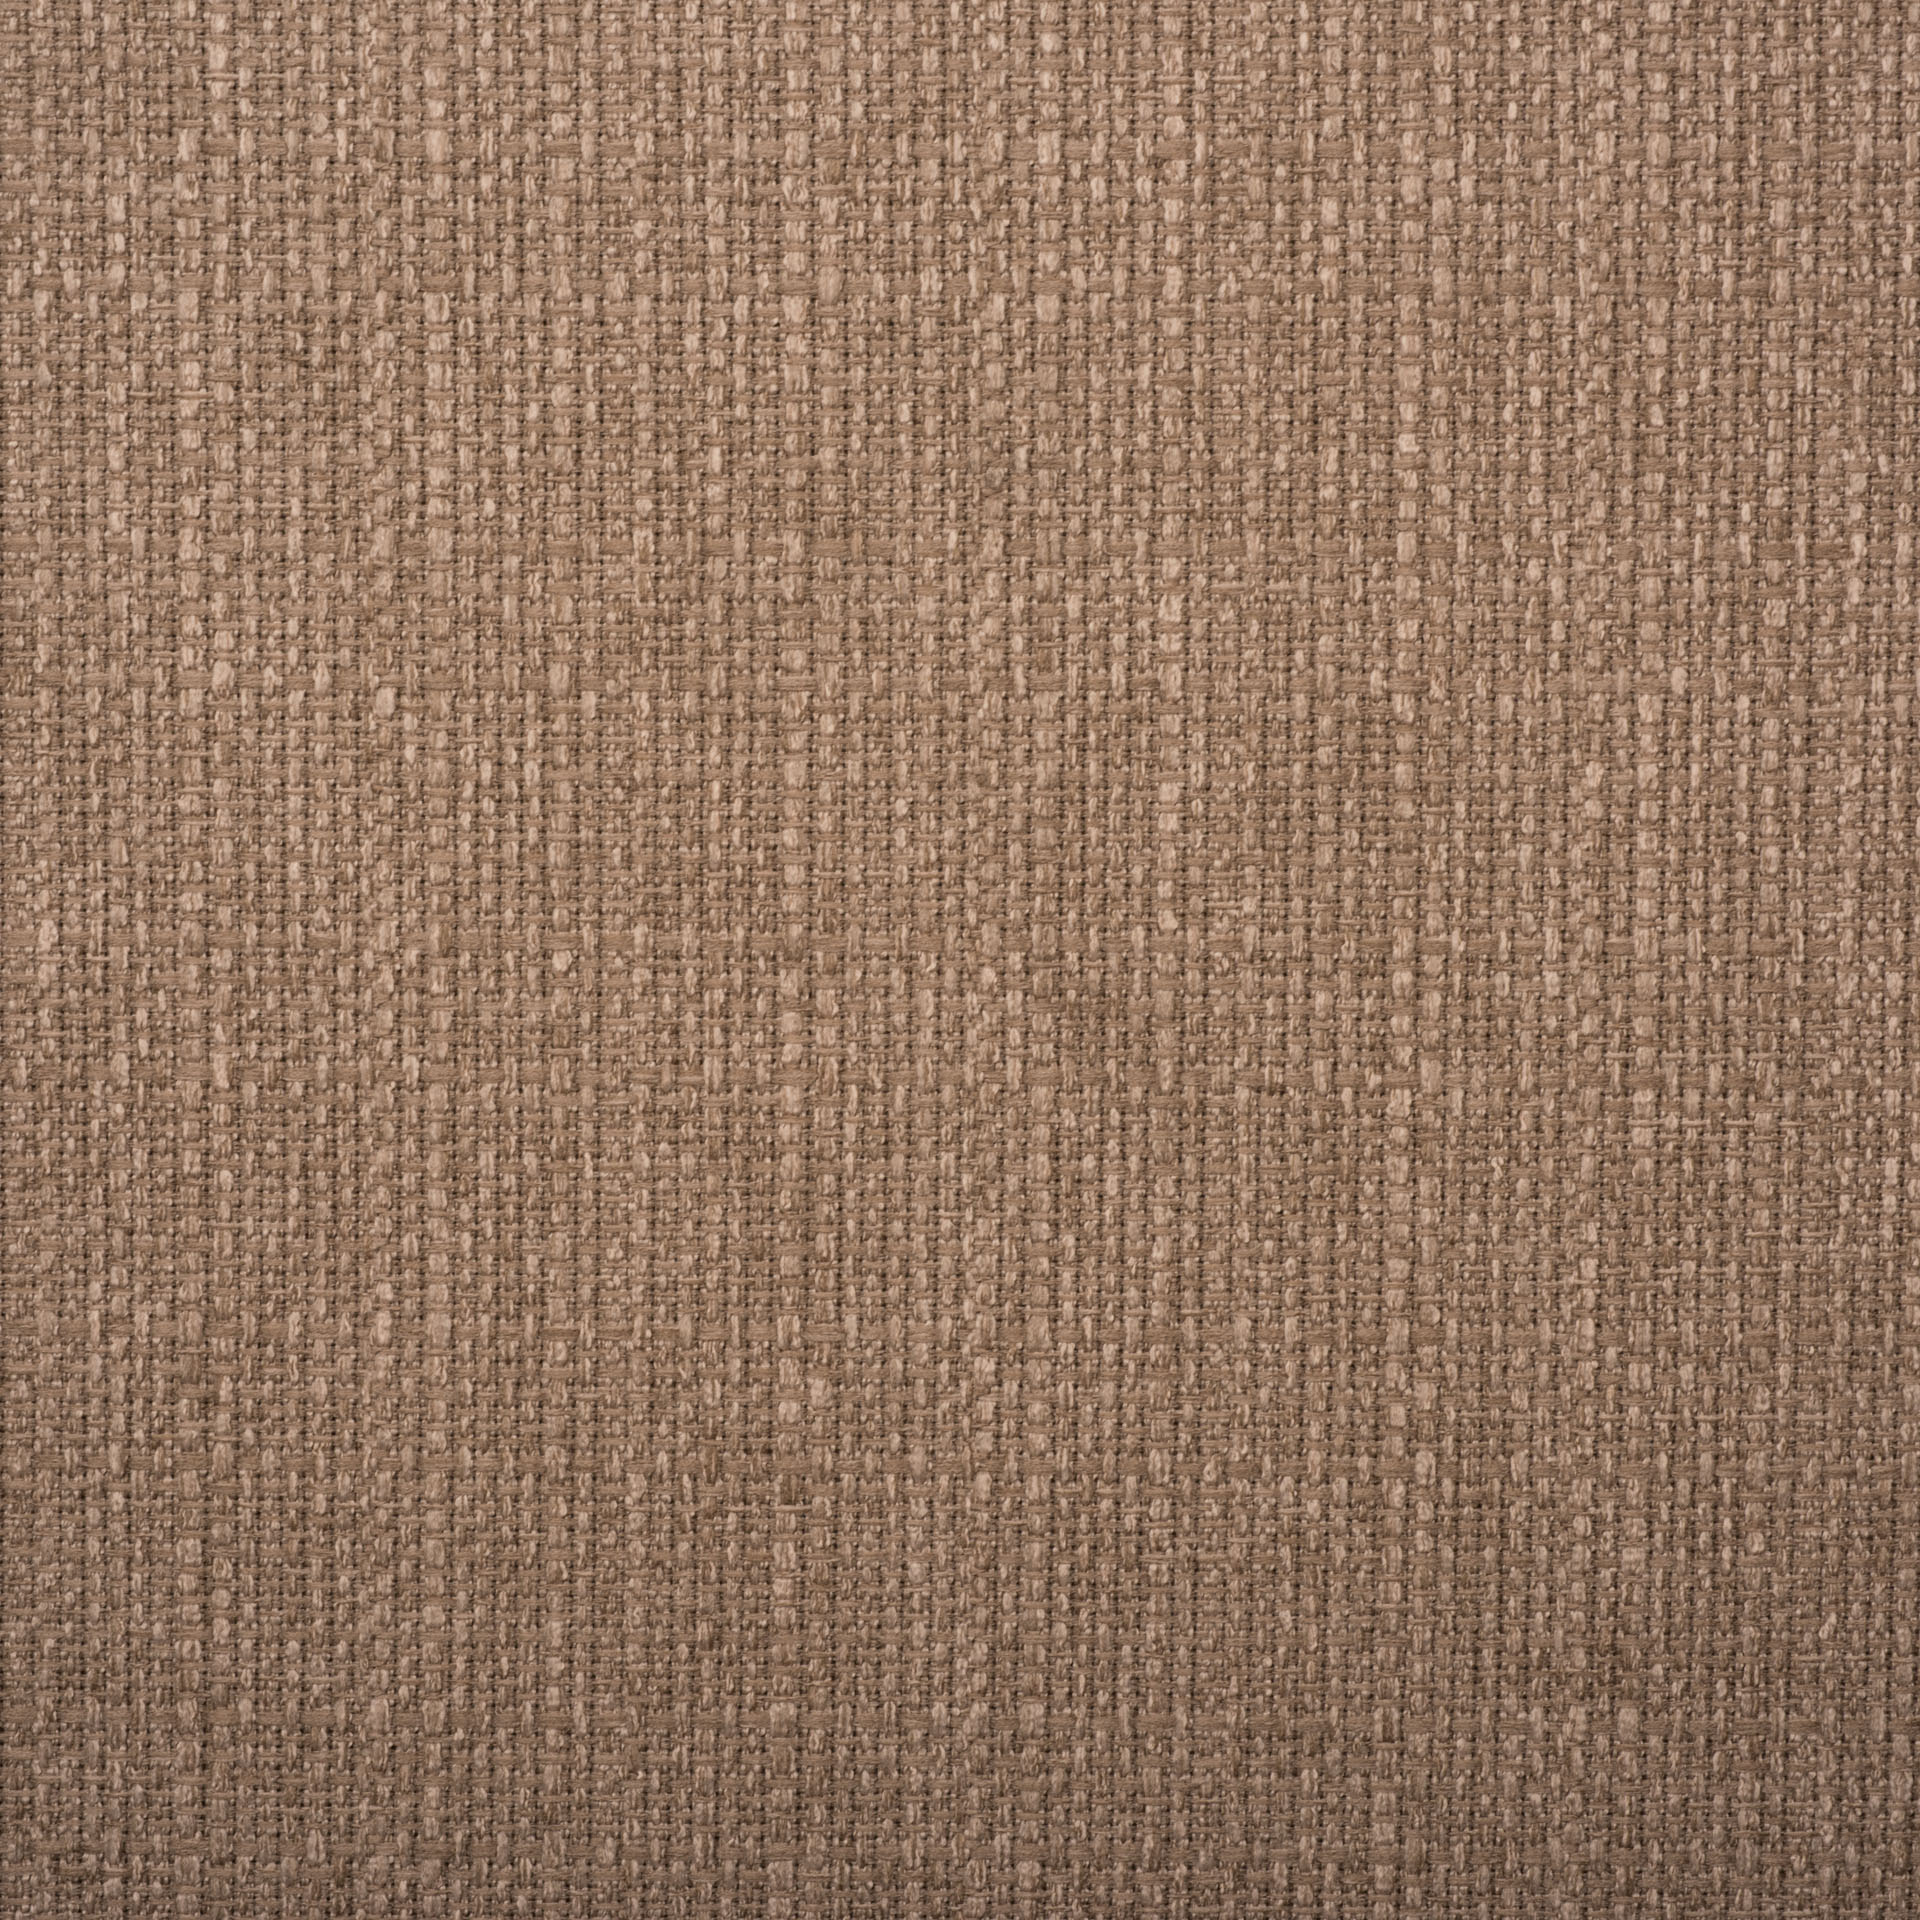 Коллекция ткани Портленд BEIGE 22,  купить ткань Рогожка для мебели Украина